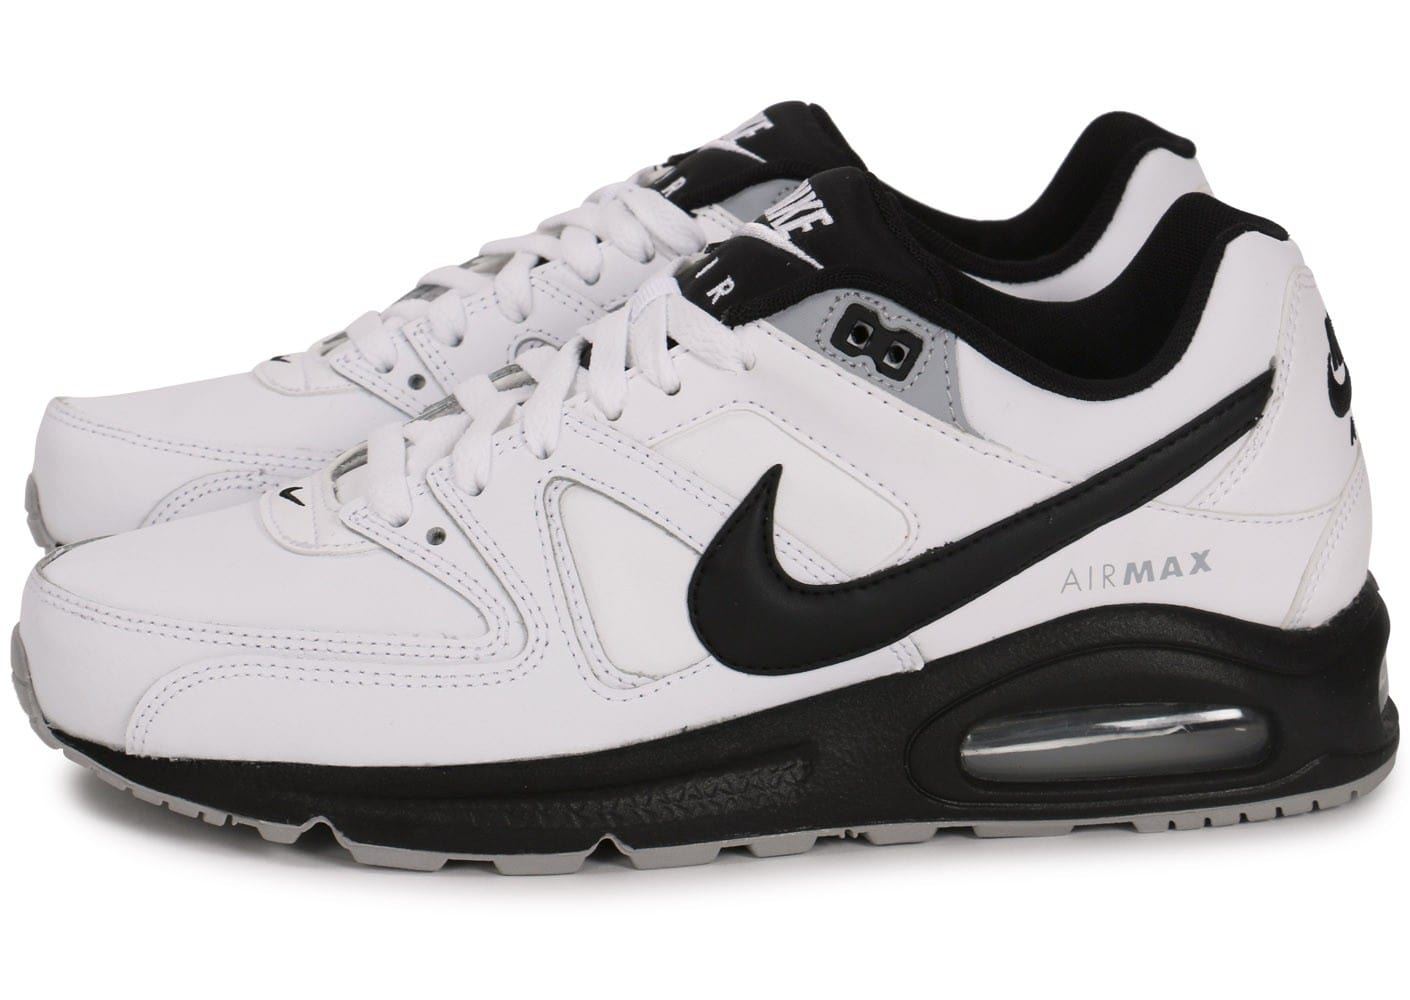 sports shoes 68668 96a1b Immense vente de liquidation 2018. conomisez jusqu à 48% sur la vente de air  max command blanc noir France. Trouvez et comparez toutes les meilleures  offres ...